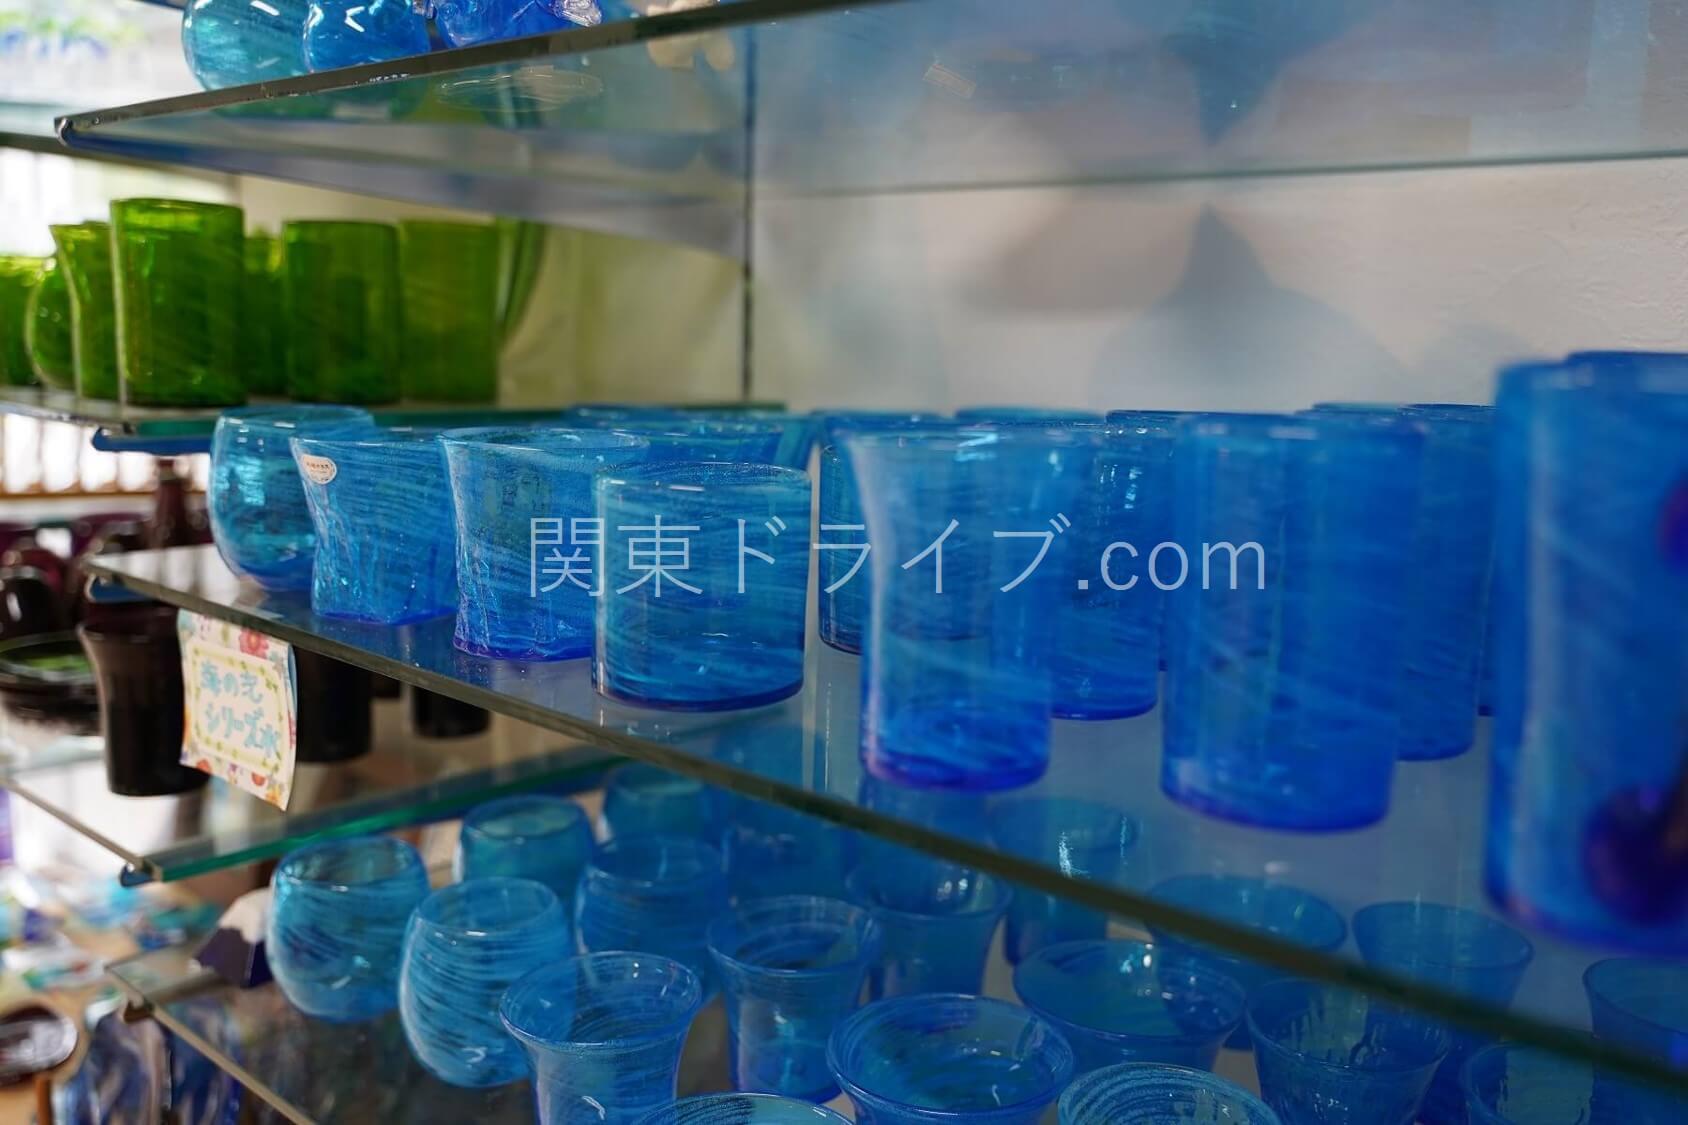 「匠工房」の琉球ガラス8